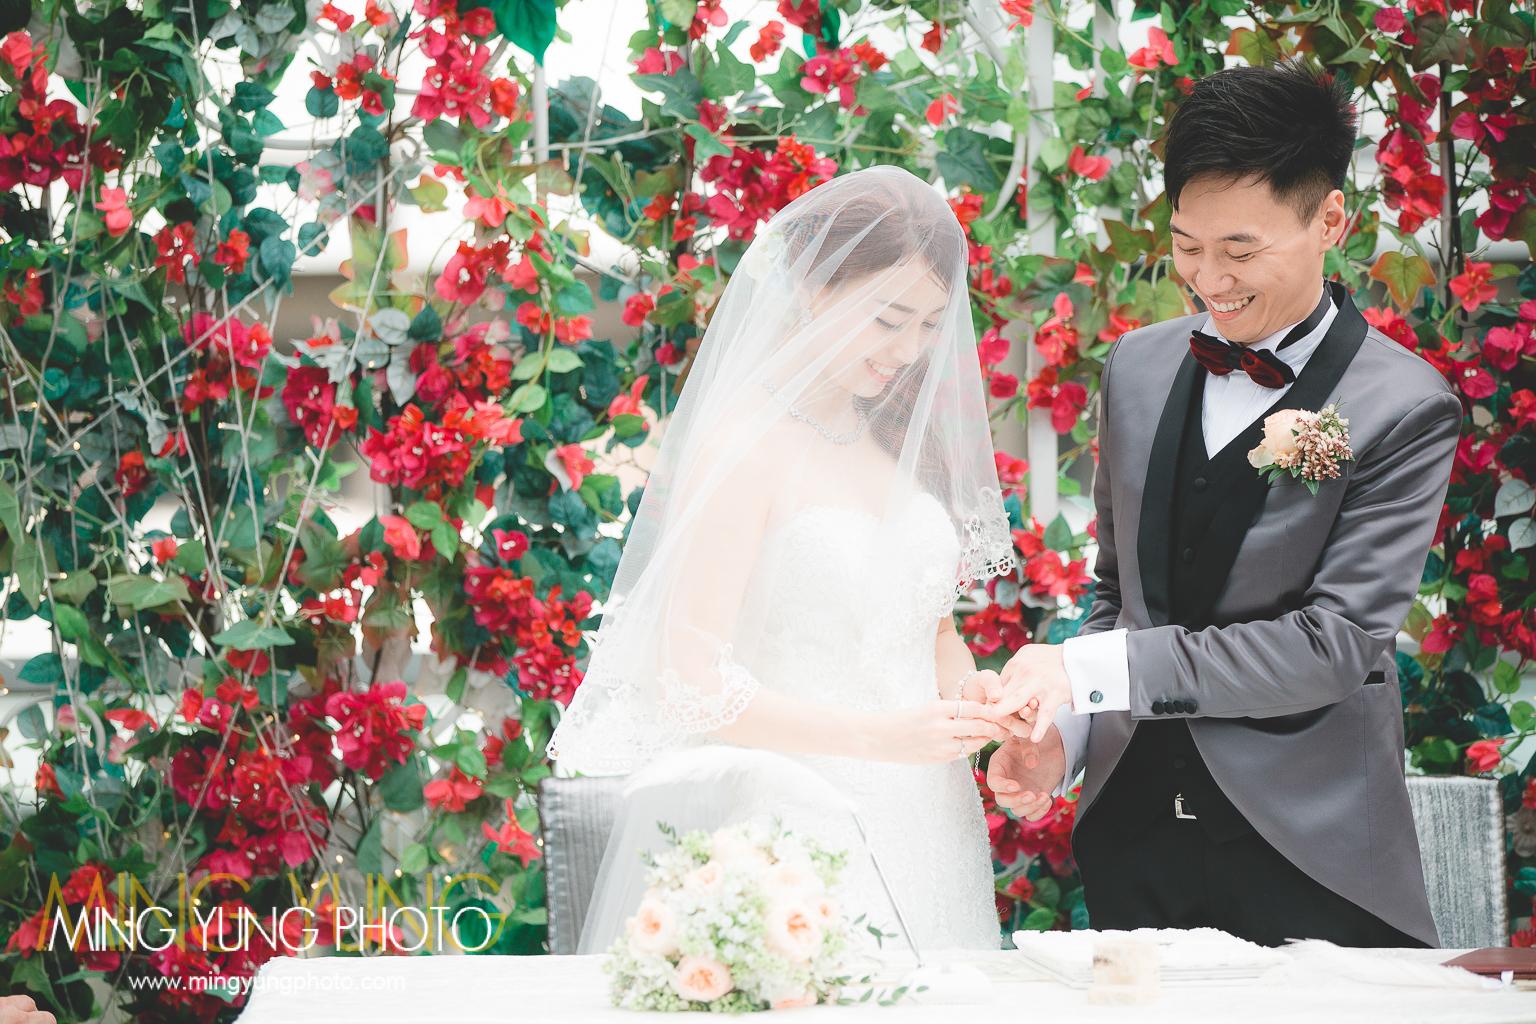 mingyungphoto-201605090023